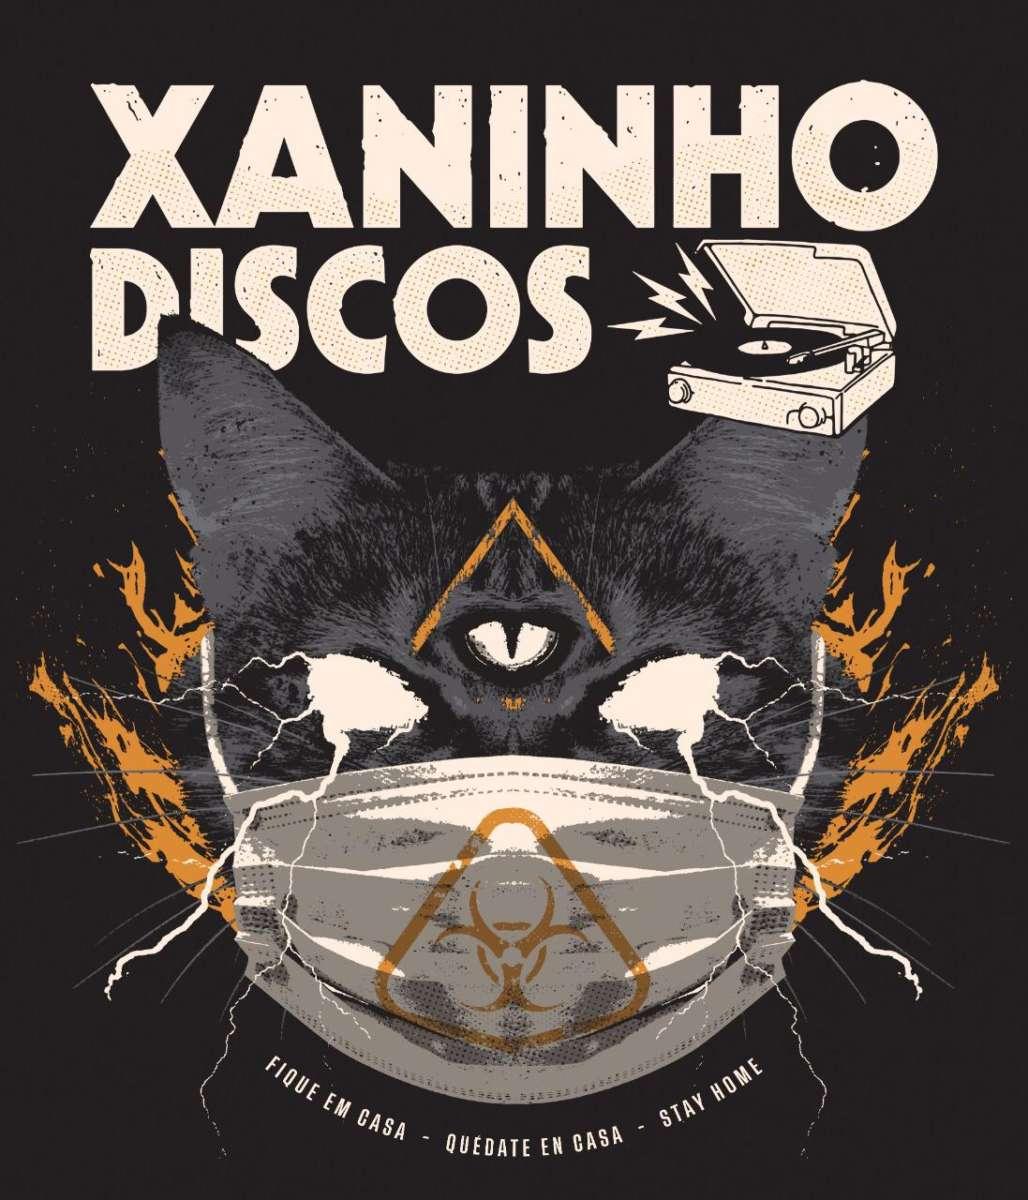 Novos trabalhos de Corazones Muertos, Vazio e Macakongs 2099 lançados pela Xaninho Discos